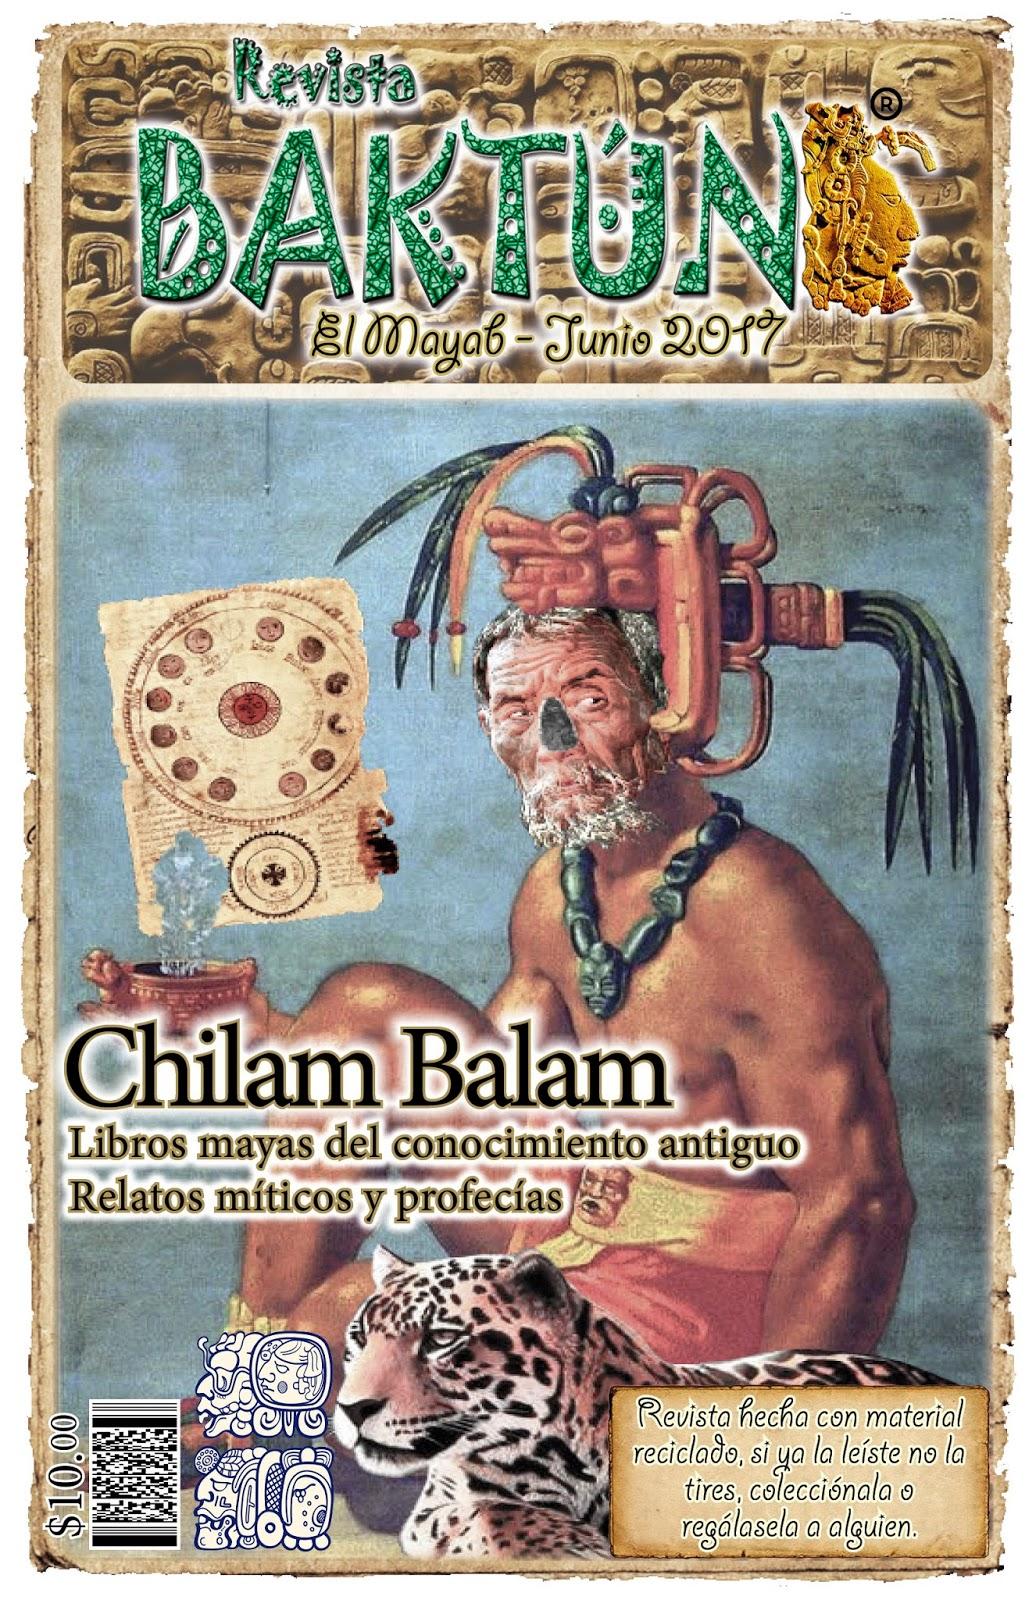 Chilam Balam  Libros mayas del conocimiento antiguo. Relatos míticos y  profecías ¿Es posible que los mayas conocieran años antes de la llegada de  los ... f4246c7a97c